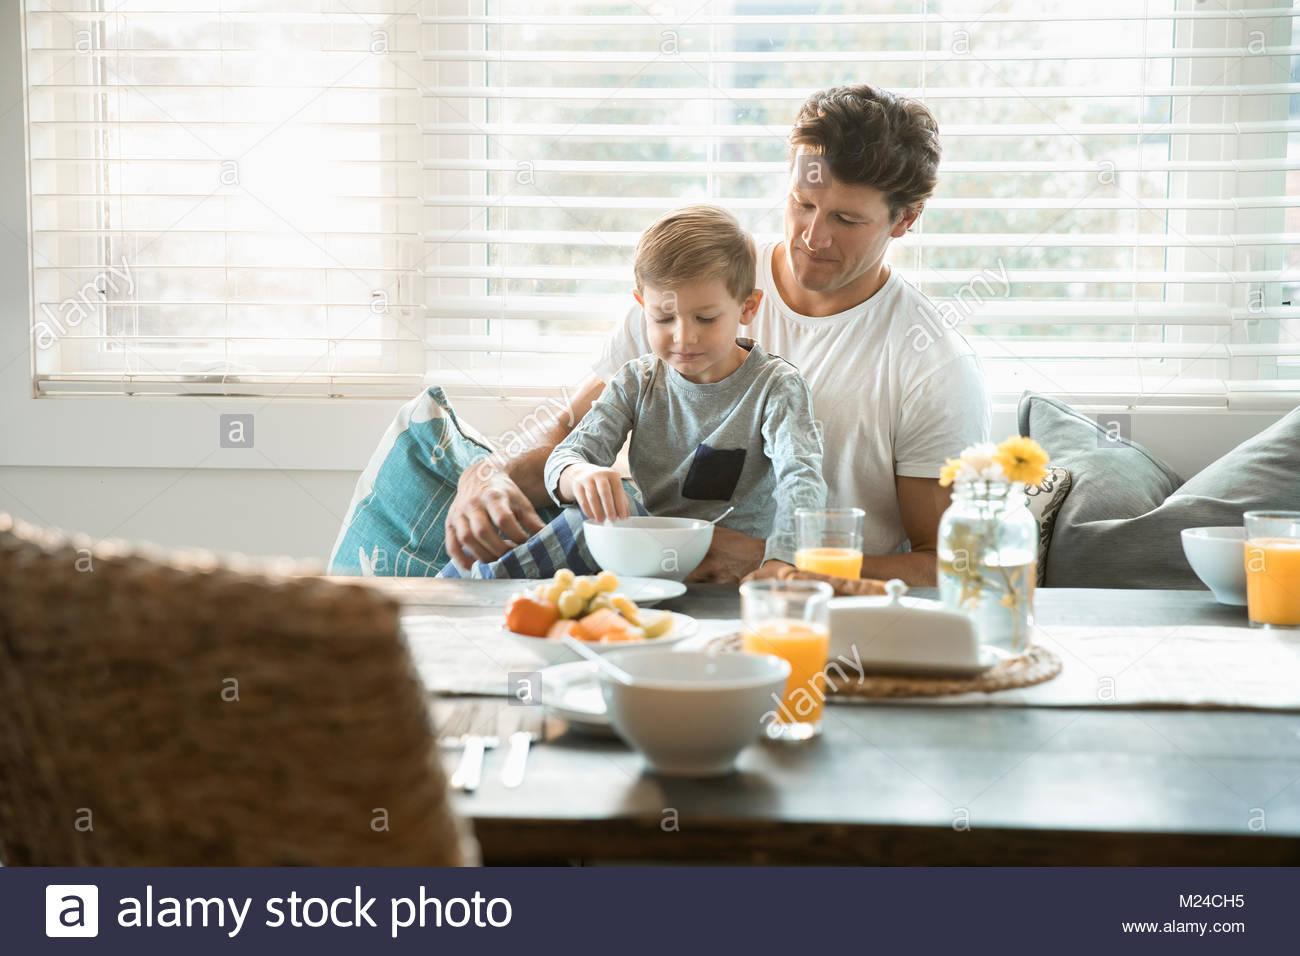 Vater und Sohn essen Frühstück in der Frühstücksecke Stockbild